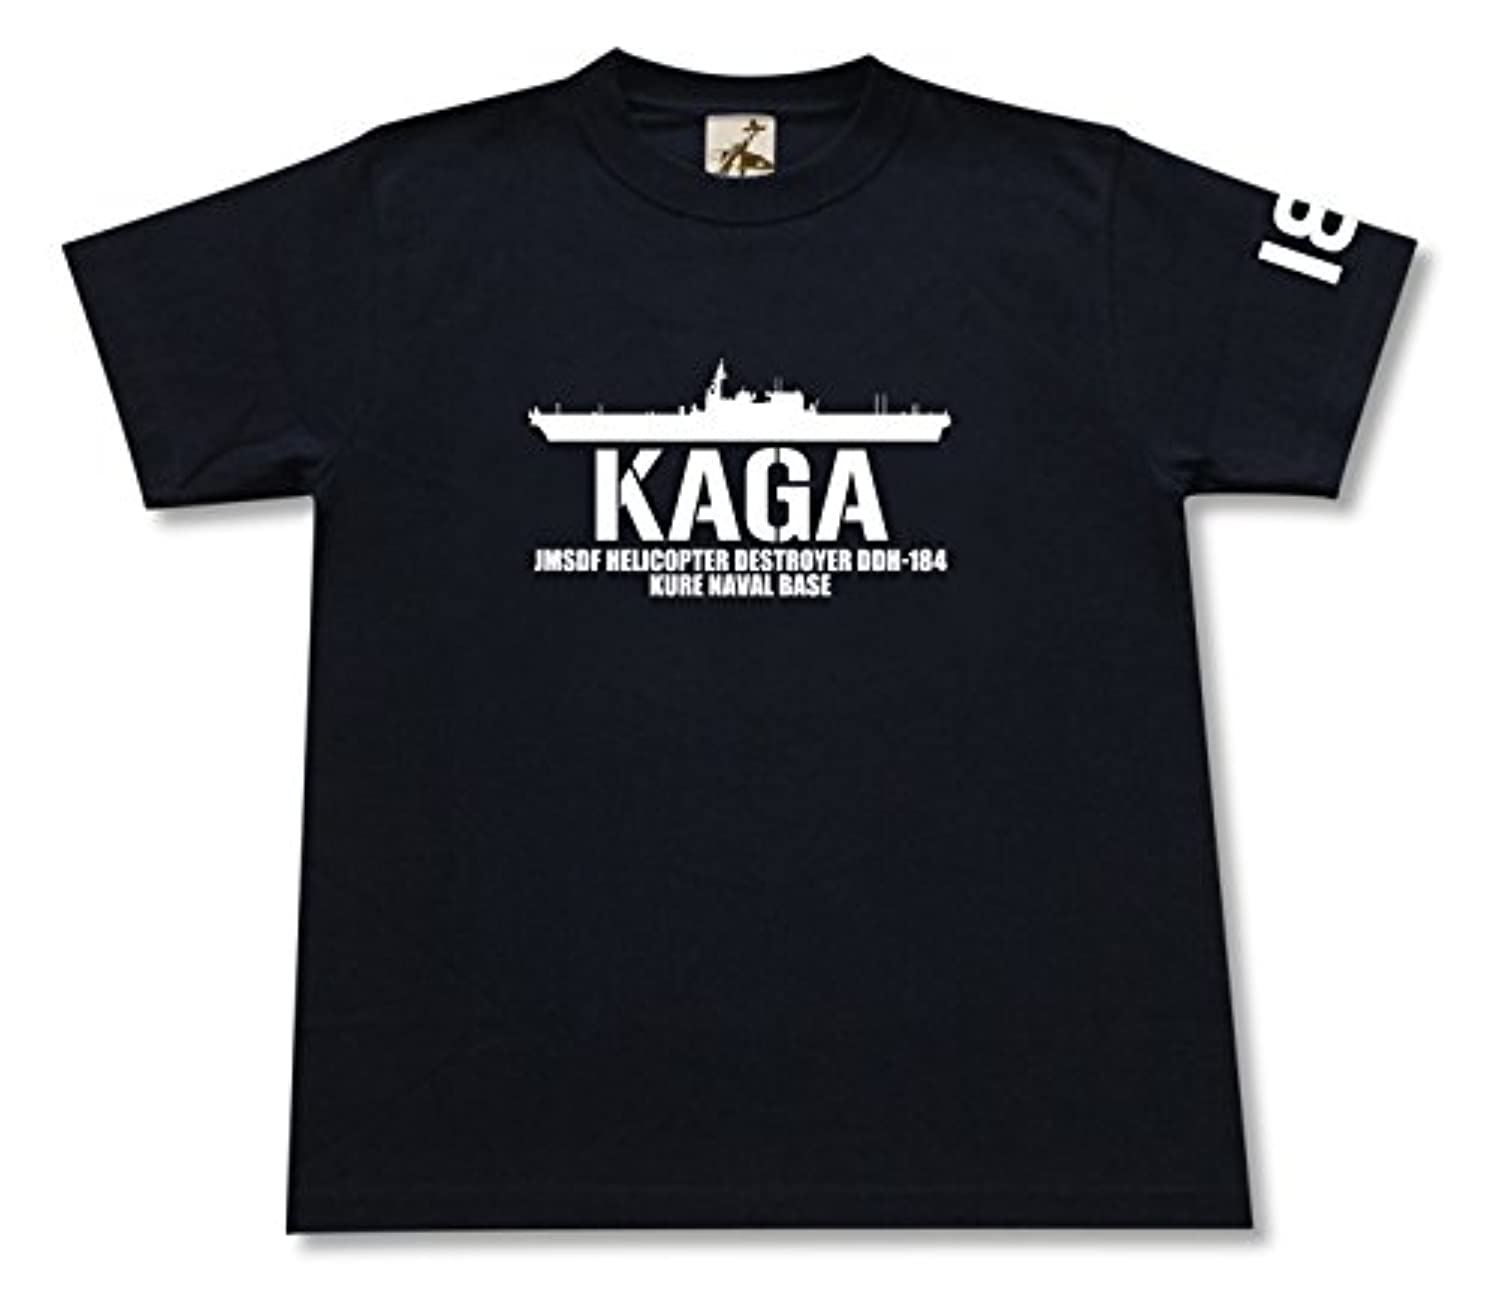 デッドロック人物さわやか(ギガント) GIGANT 海上自衛隊 護衛艦 かが Tシャツ